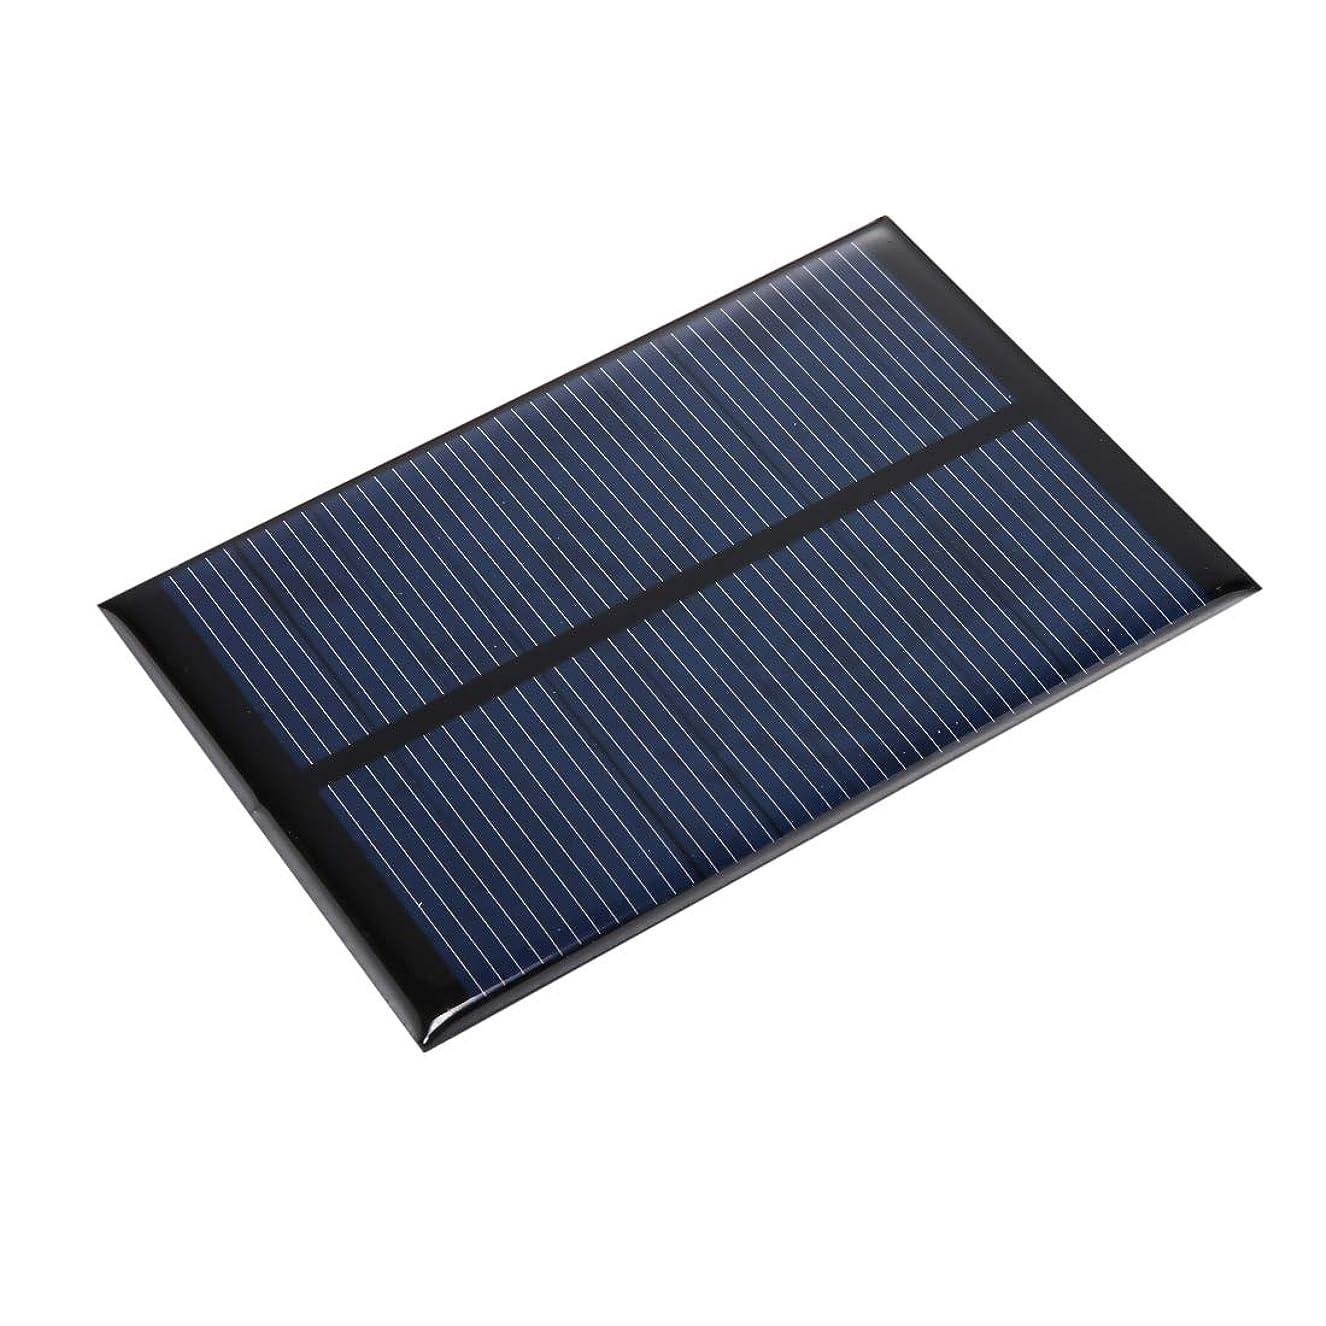 混乱場所座るポータブル折りたたみソーラーパネル 5V 0.8W 150mAh DIY太陽電池モジュールソーラーパネルモジュール電池、サイズ:101 x 69mm マウサー日本